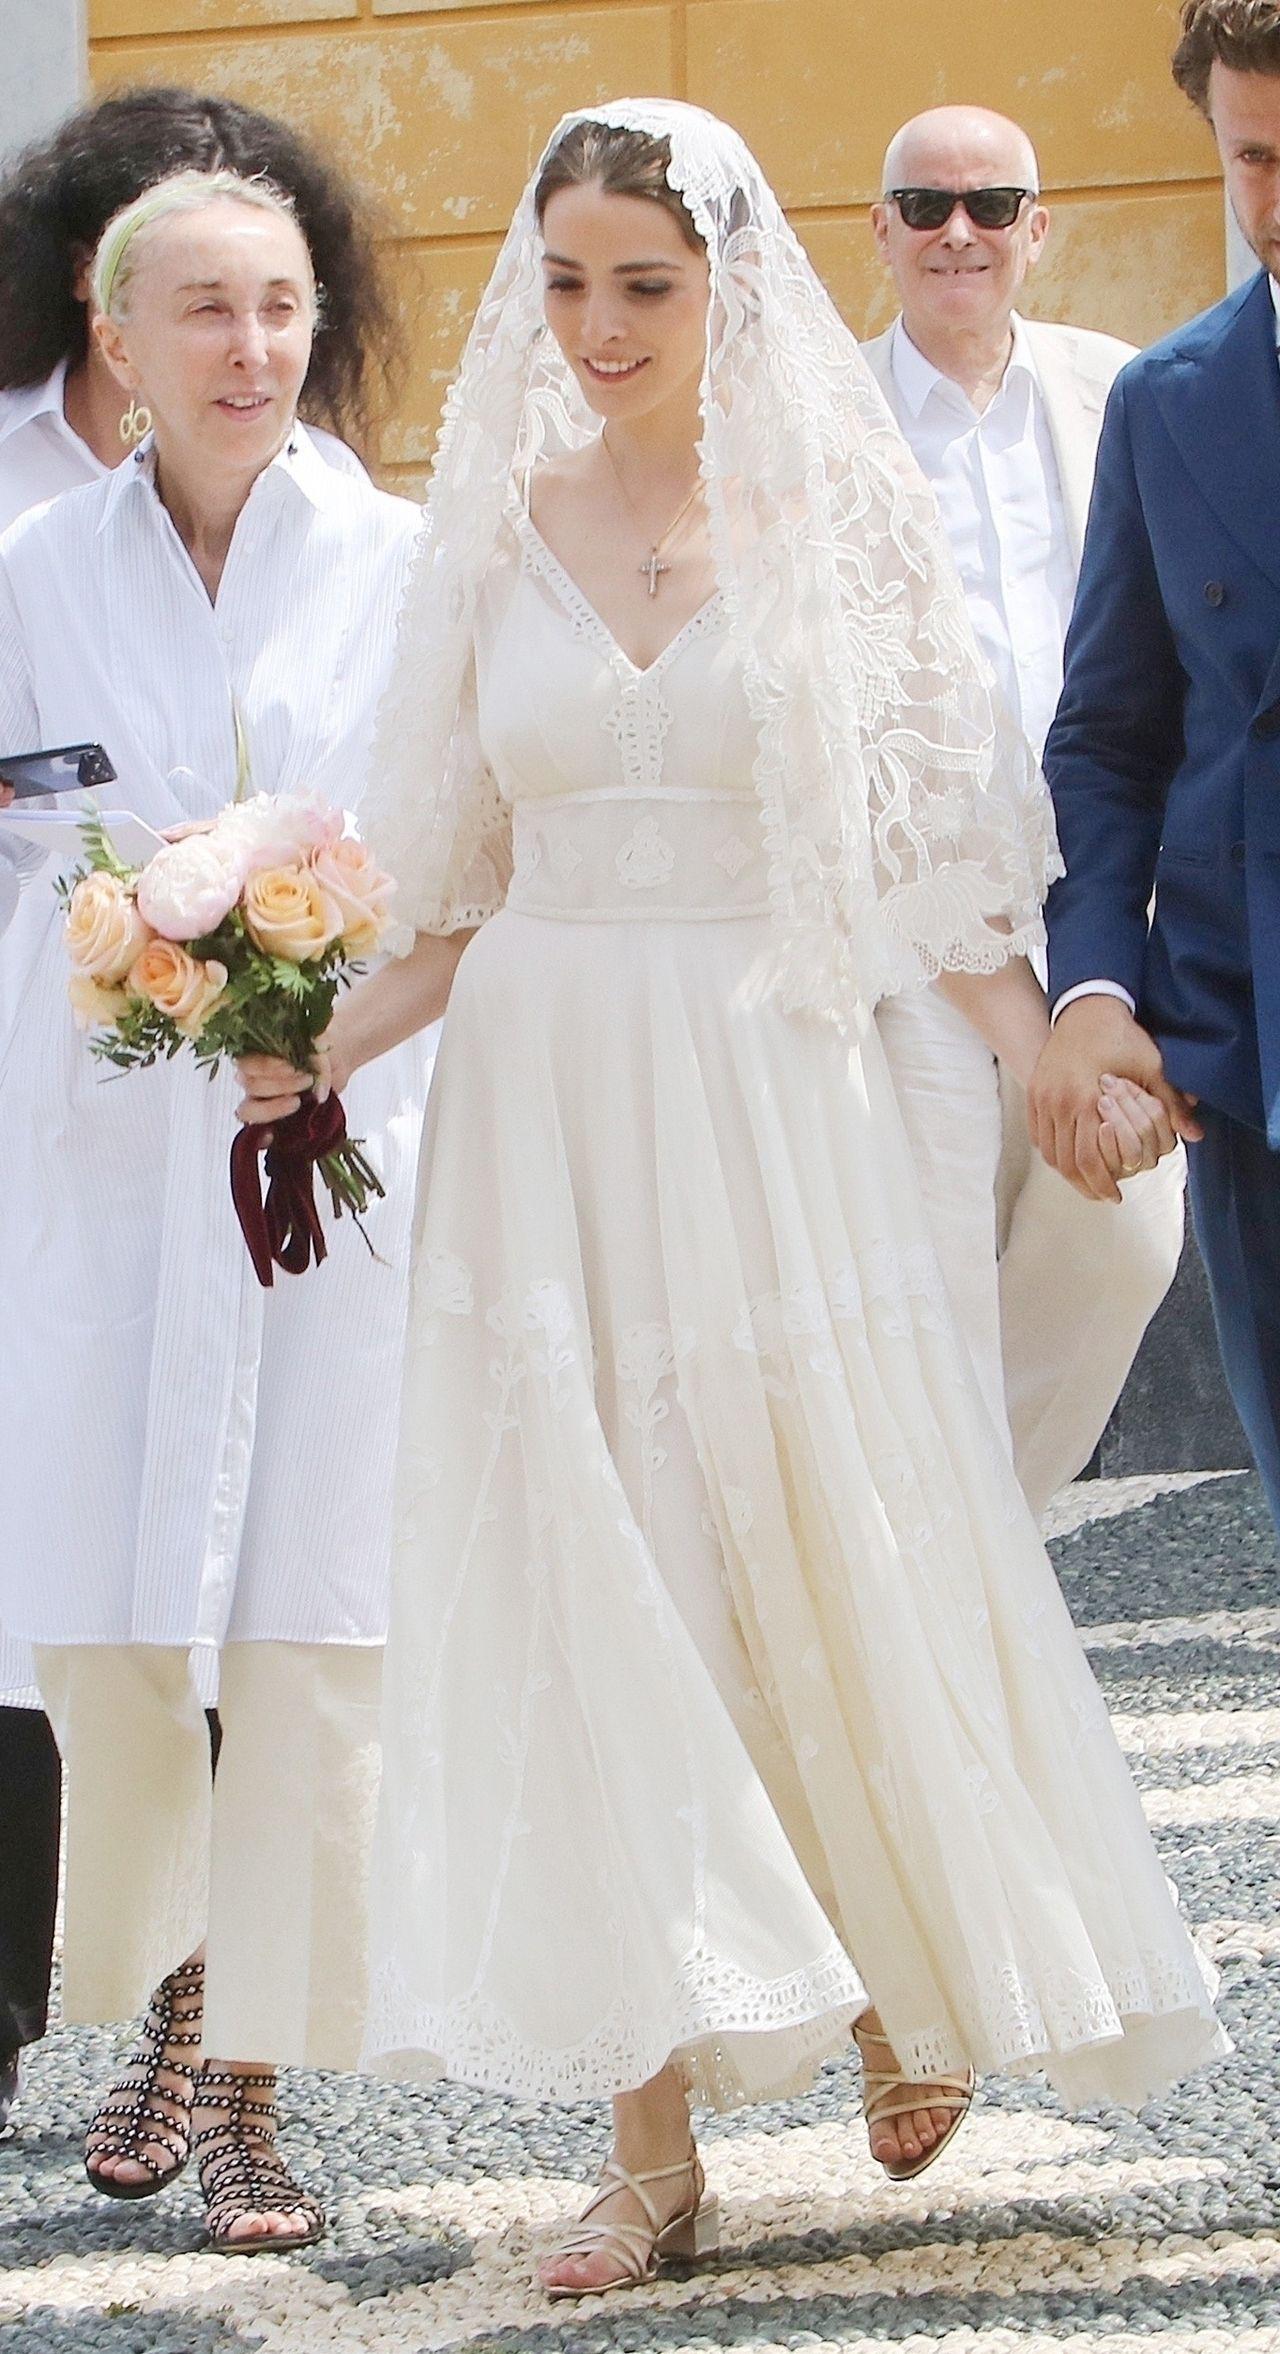 Córka Anny Wintour, Bee Shaffer, w skromnej sukni ślubnej (ZDJĘCIA)